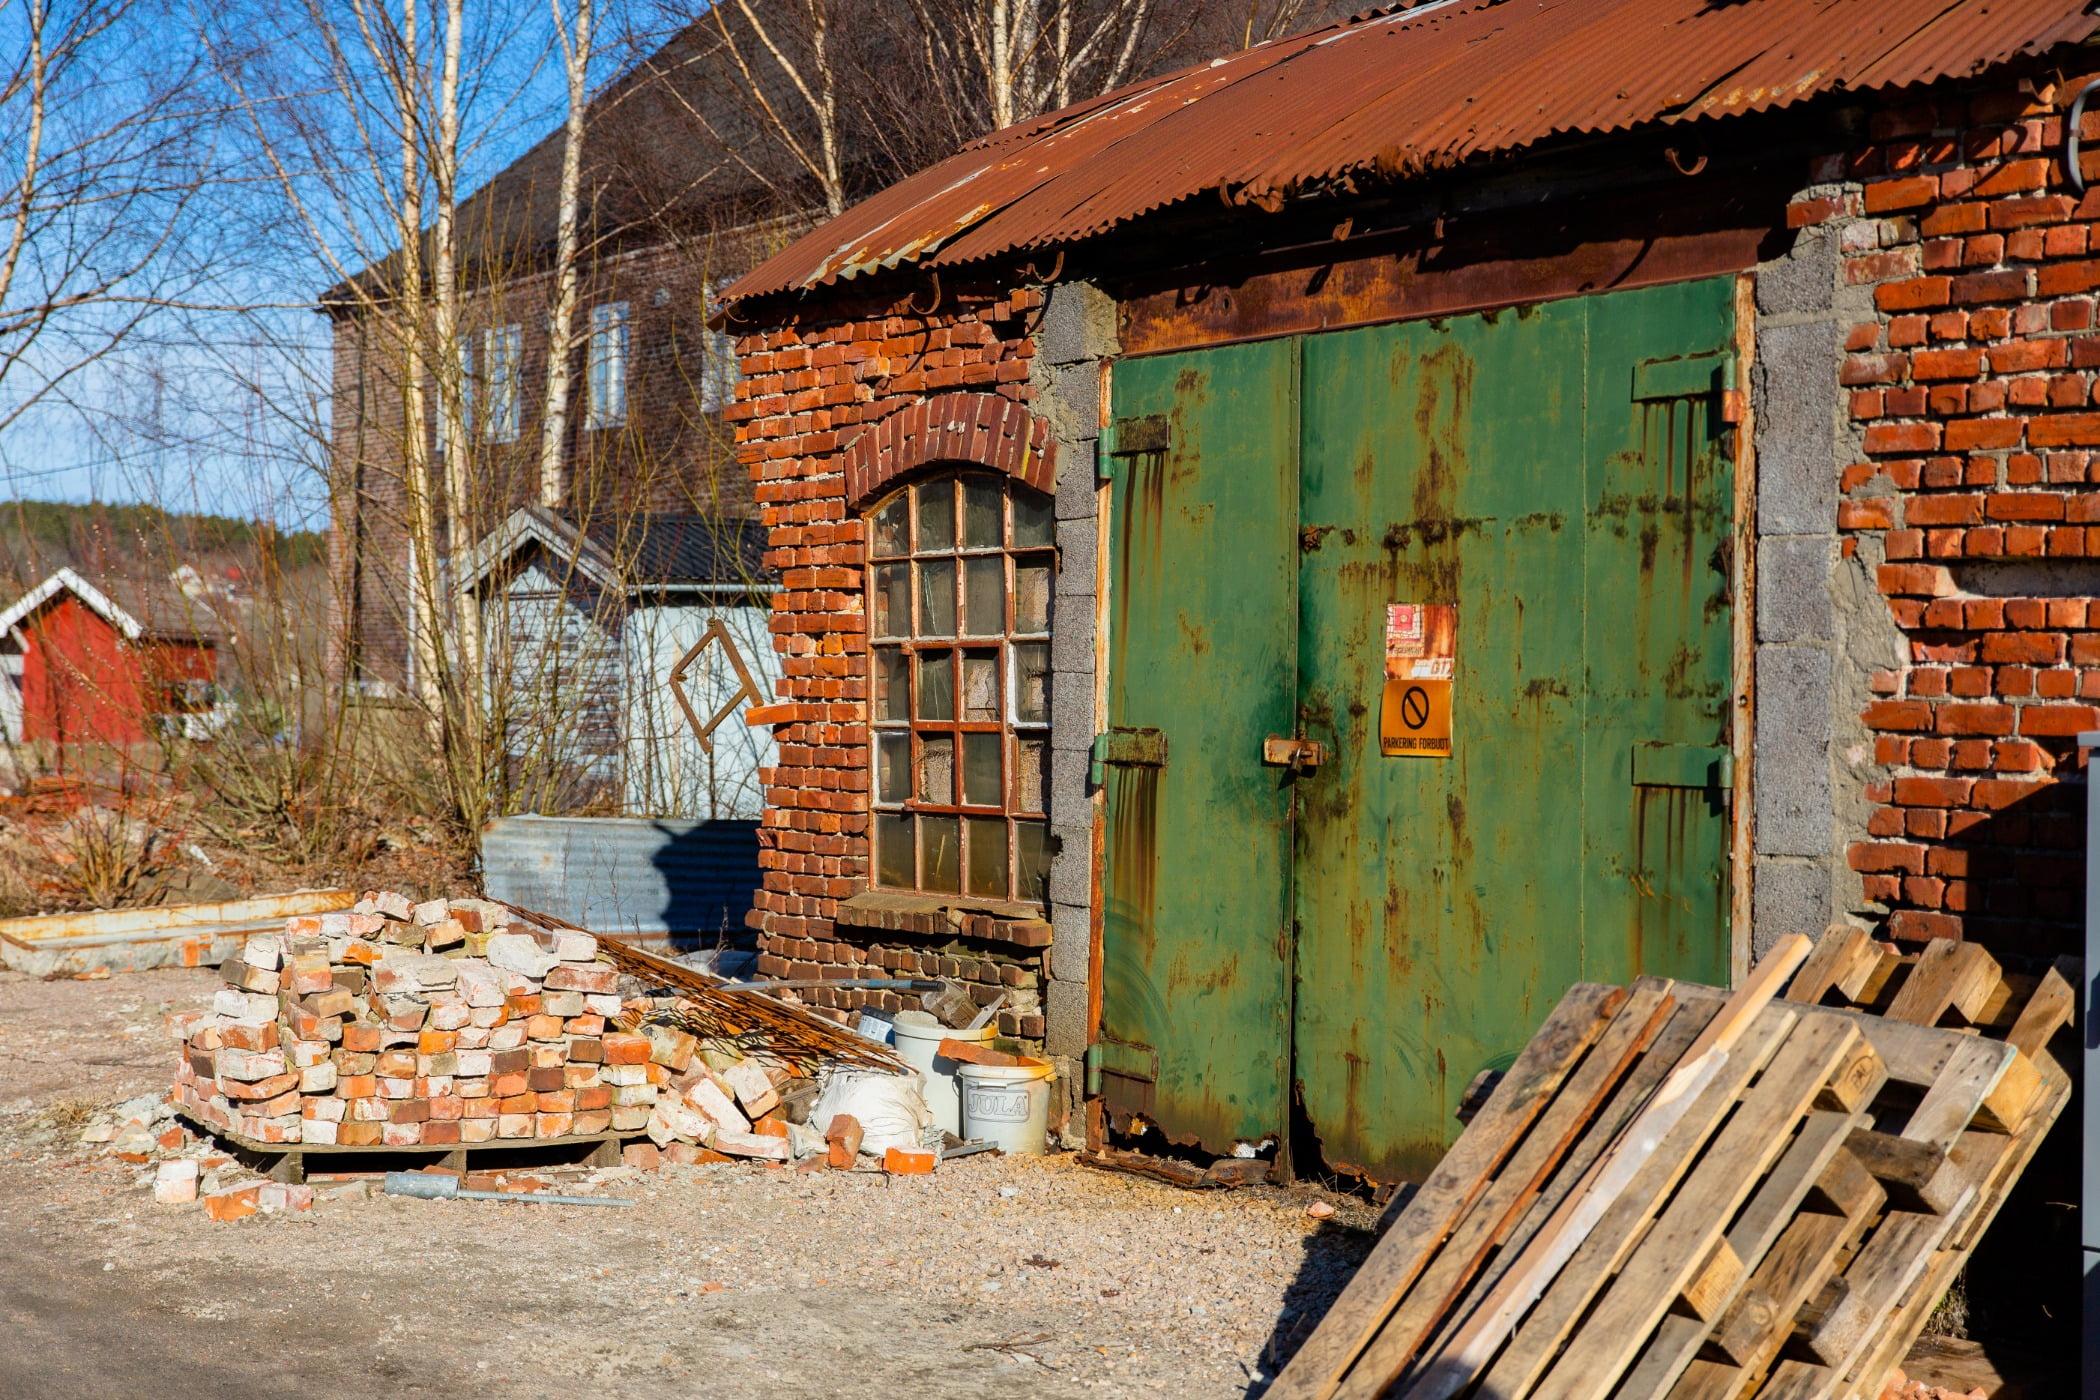 Building, Door, Window, Wood, Tree, House, Biome, Brick, Sky